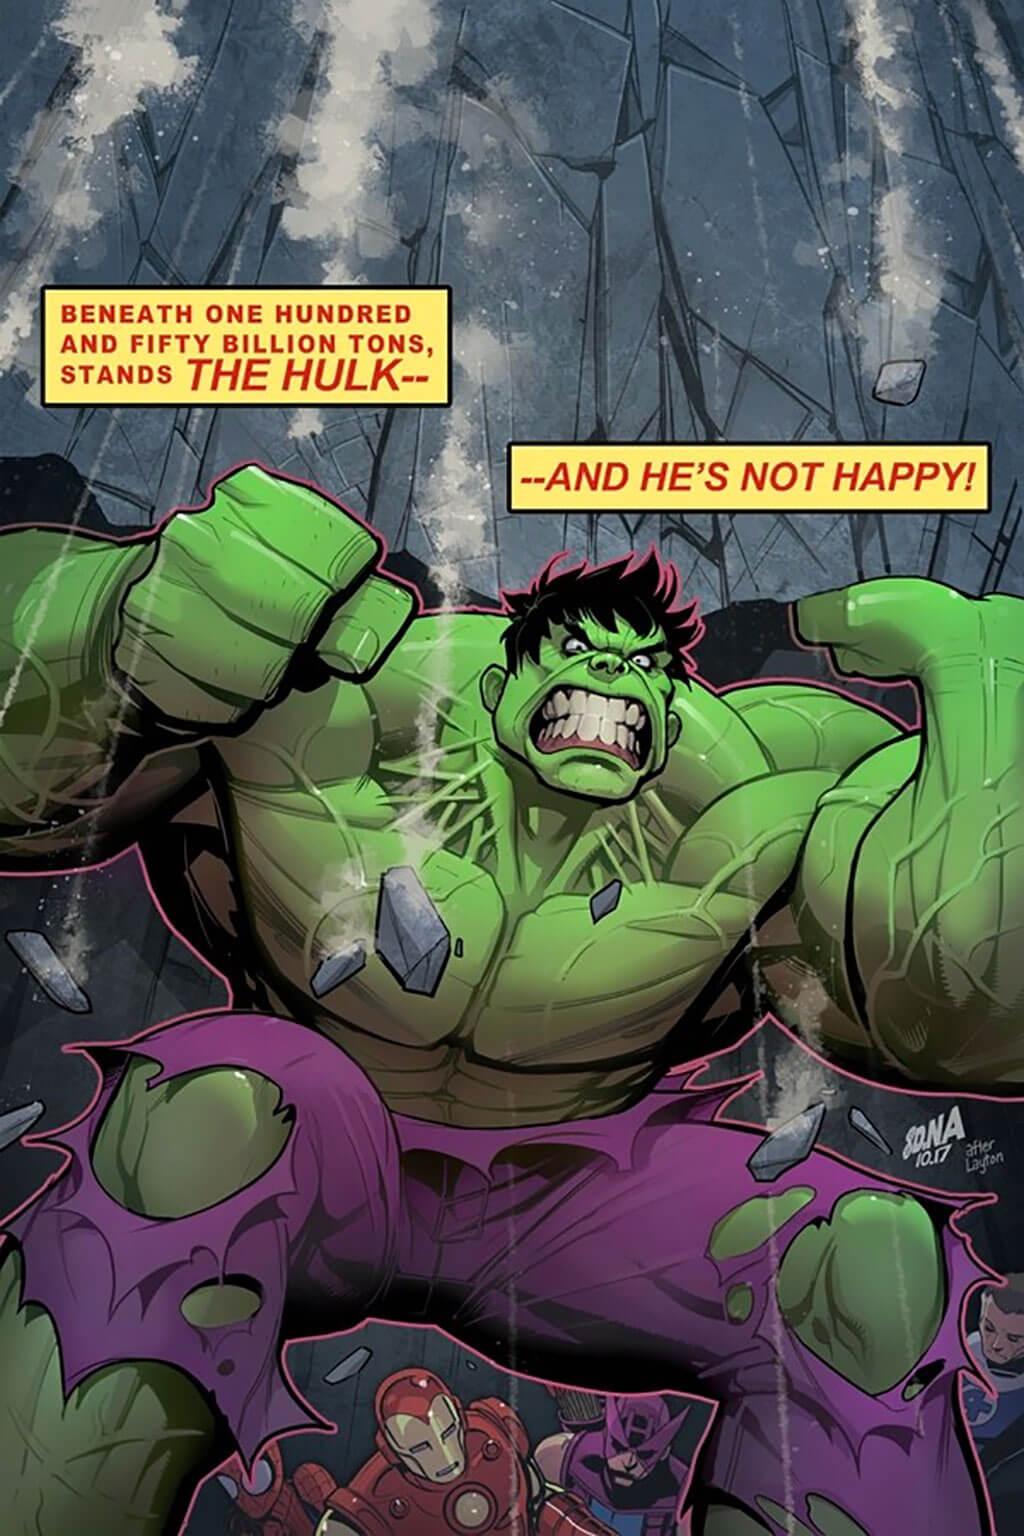 Avengers Fan Art by David Nakayama